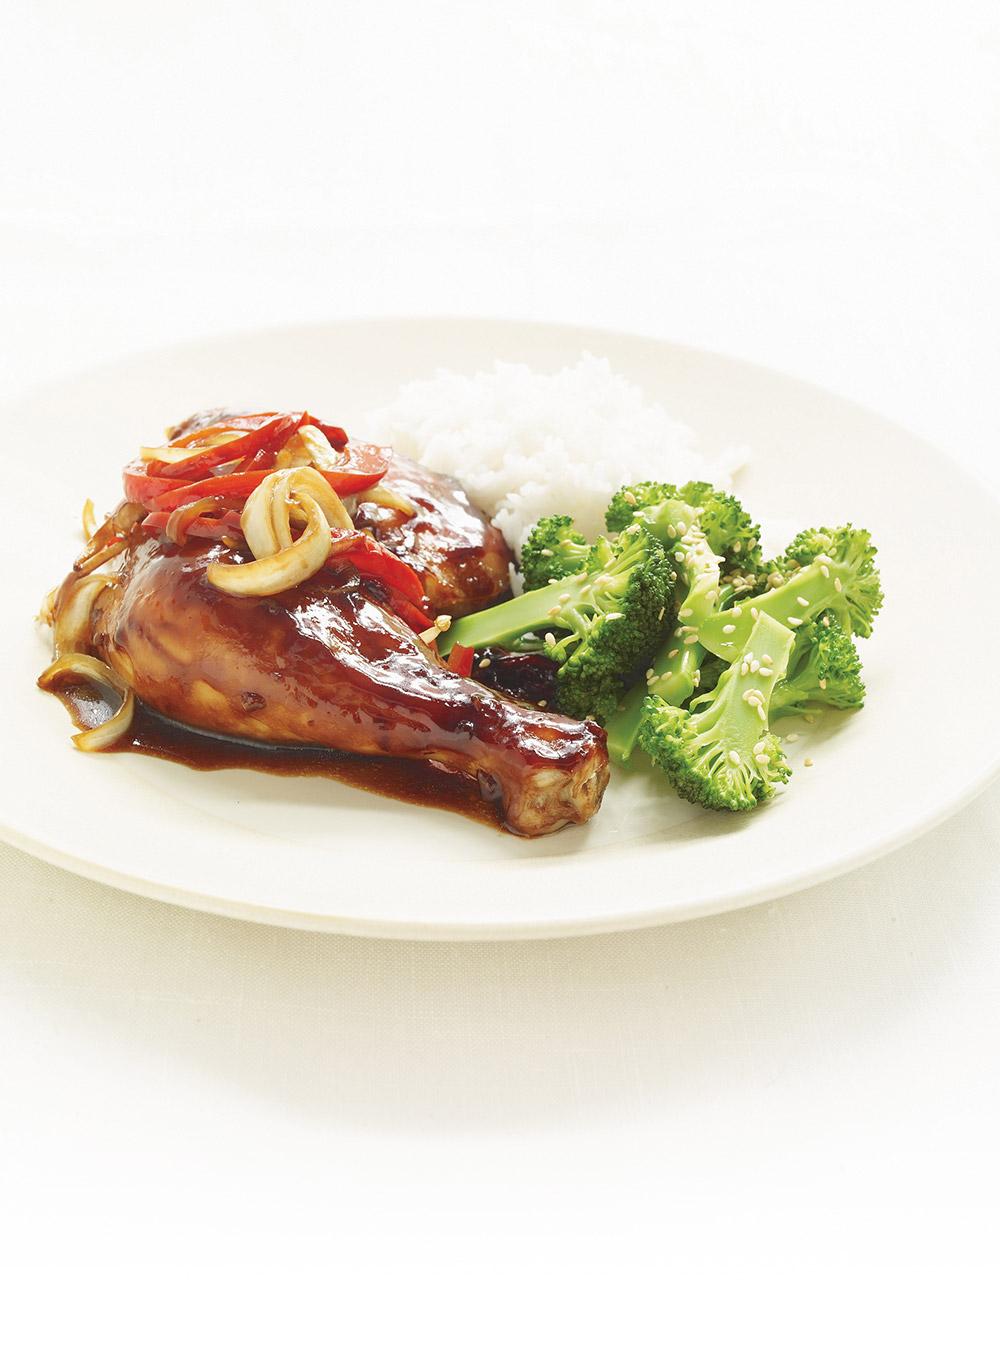 Cuisses de poulet à la sauce hoisin | ricardo